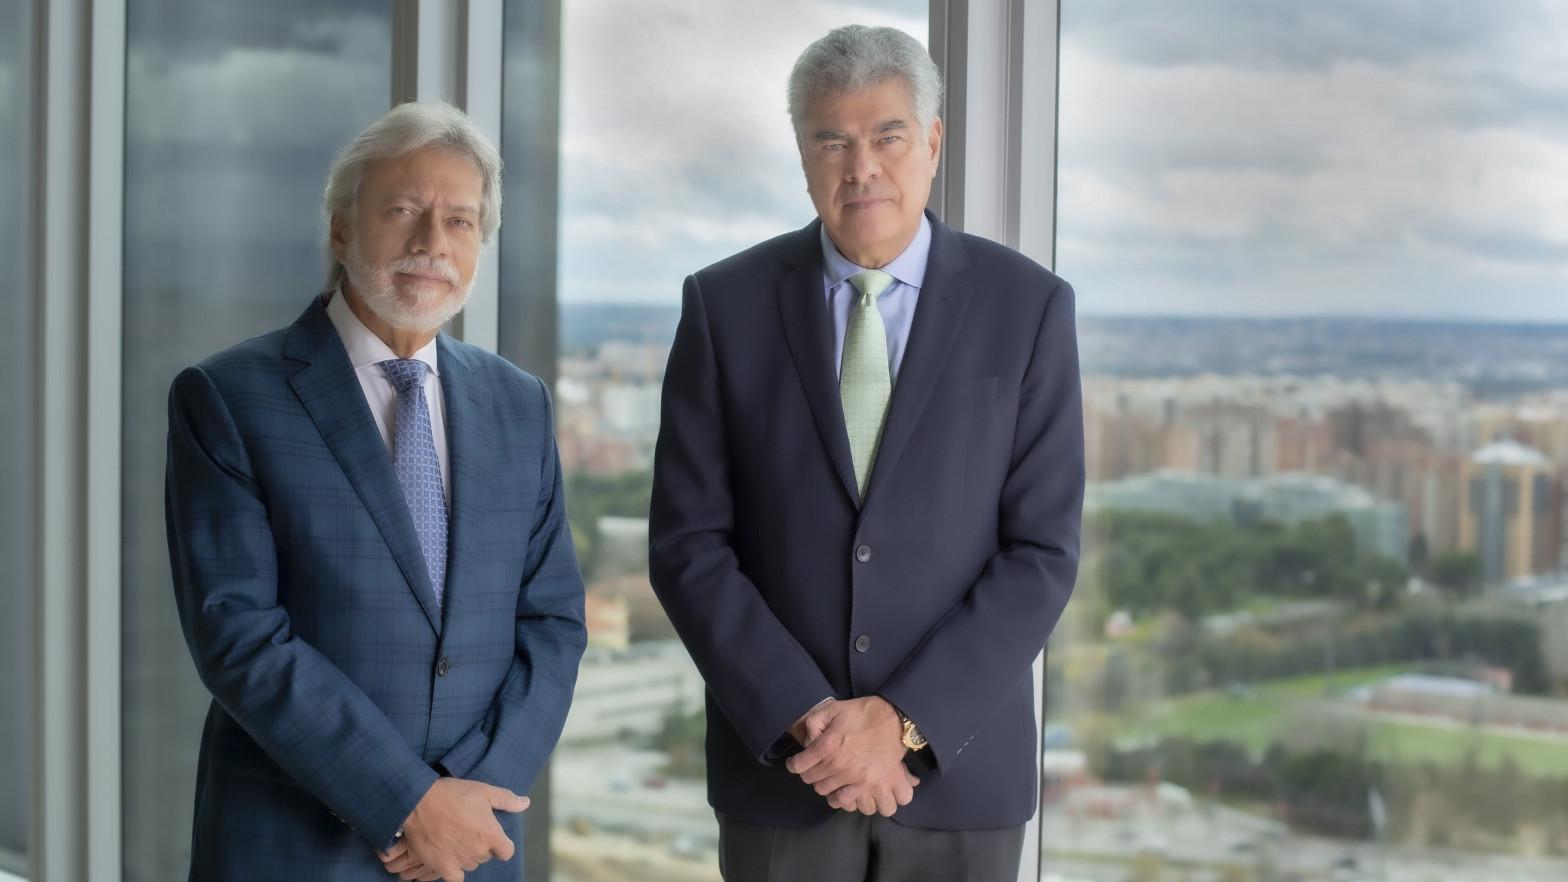 Luis Amodio y Mauricio Amodio, presidente y consejero de OHL.